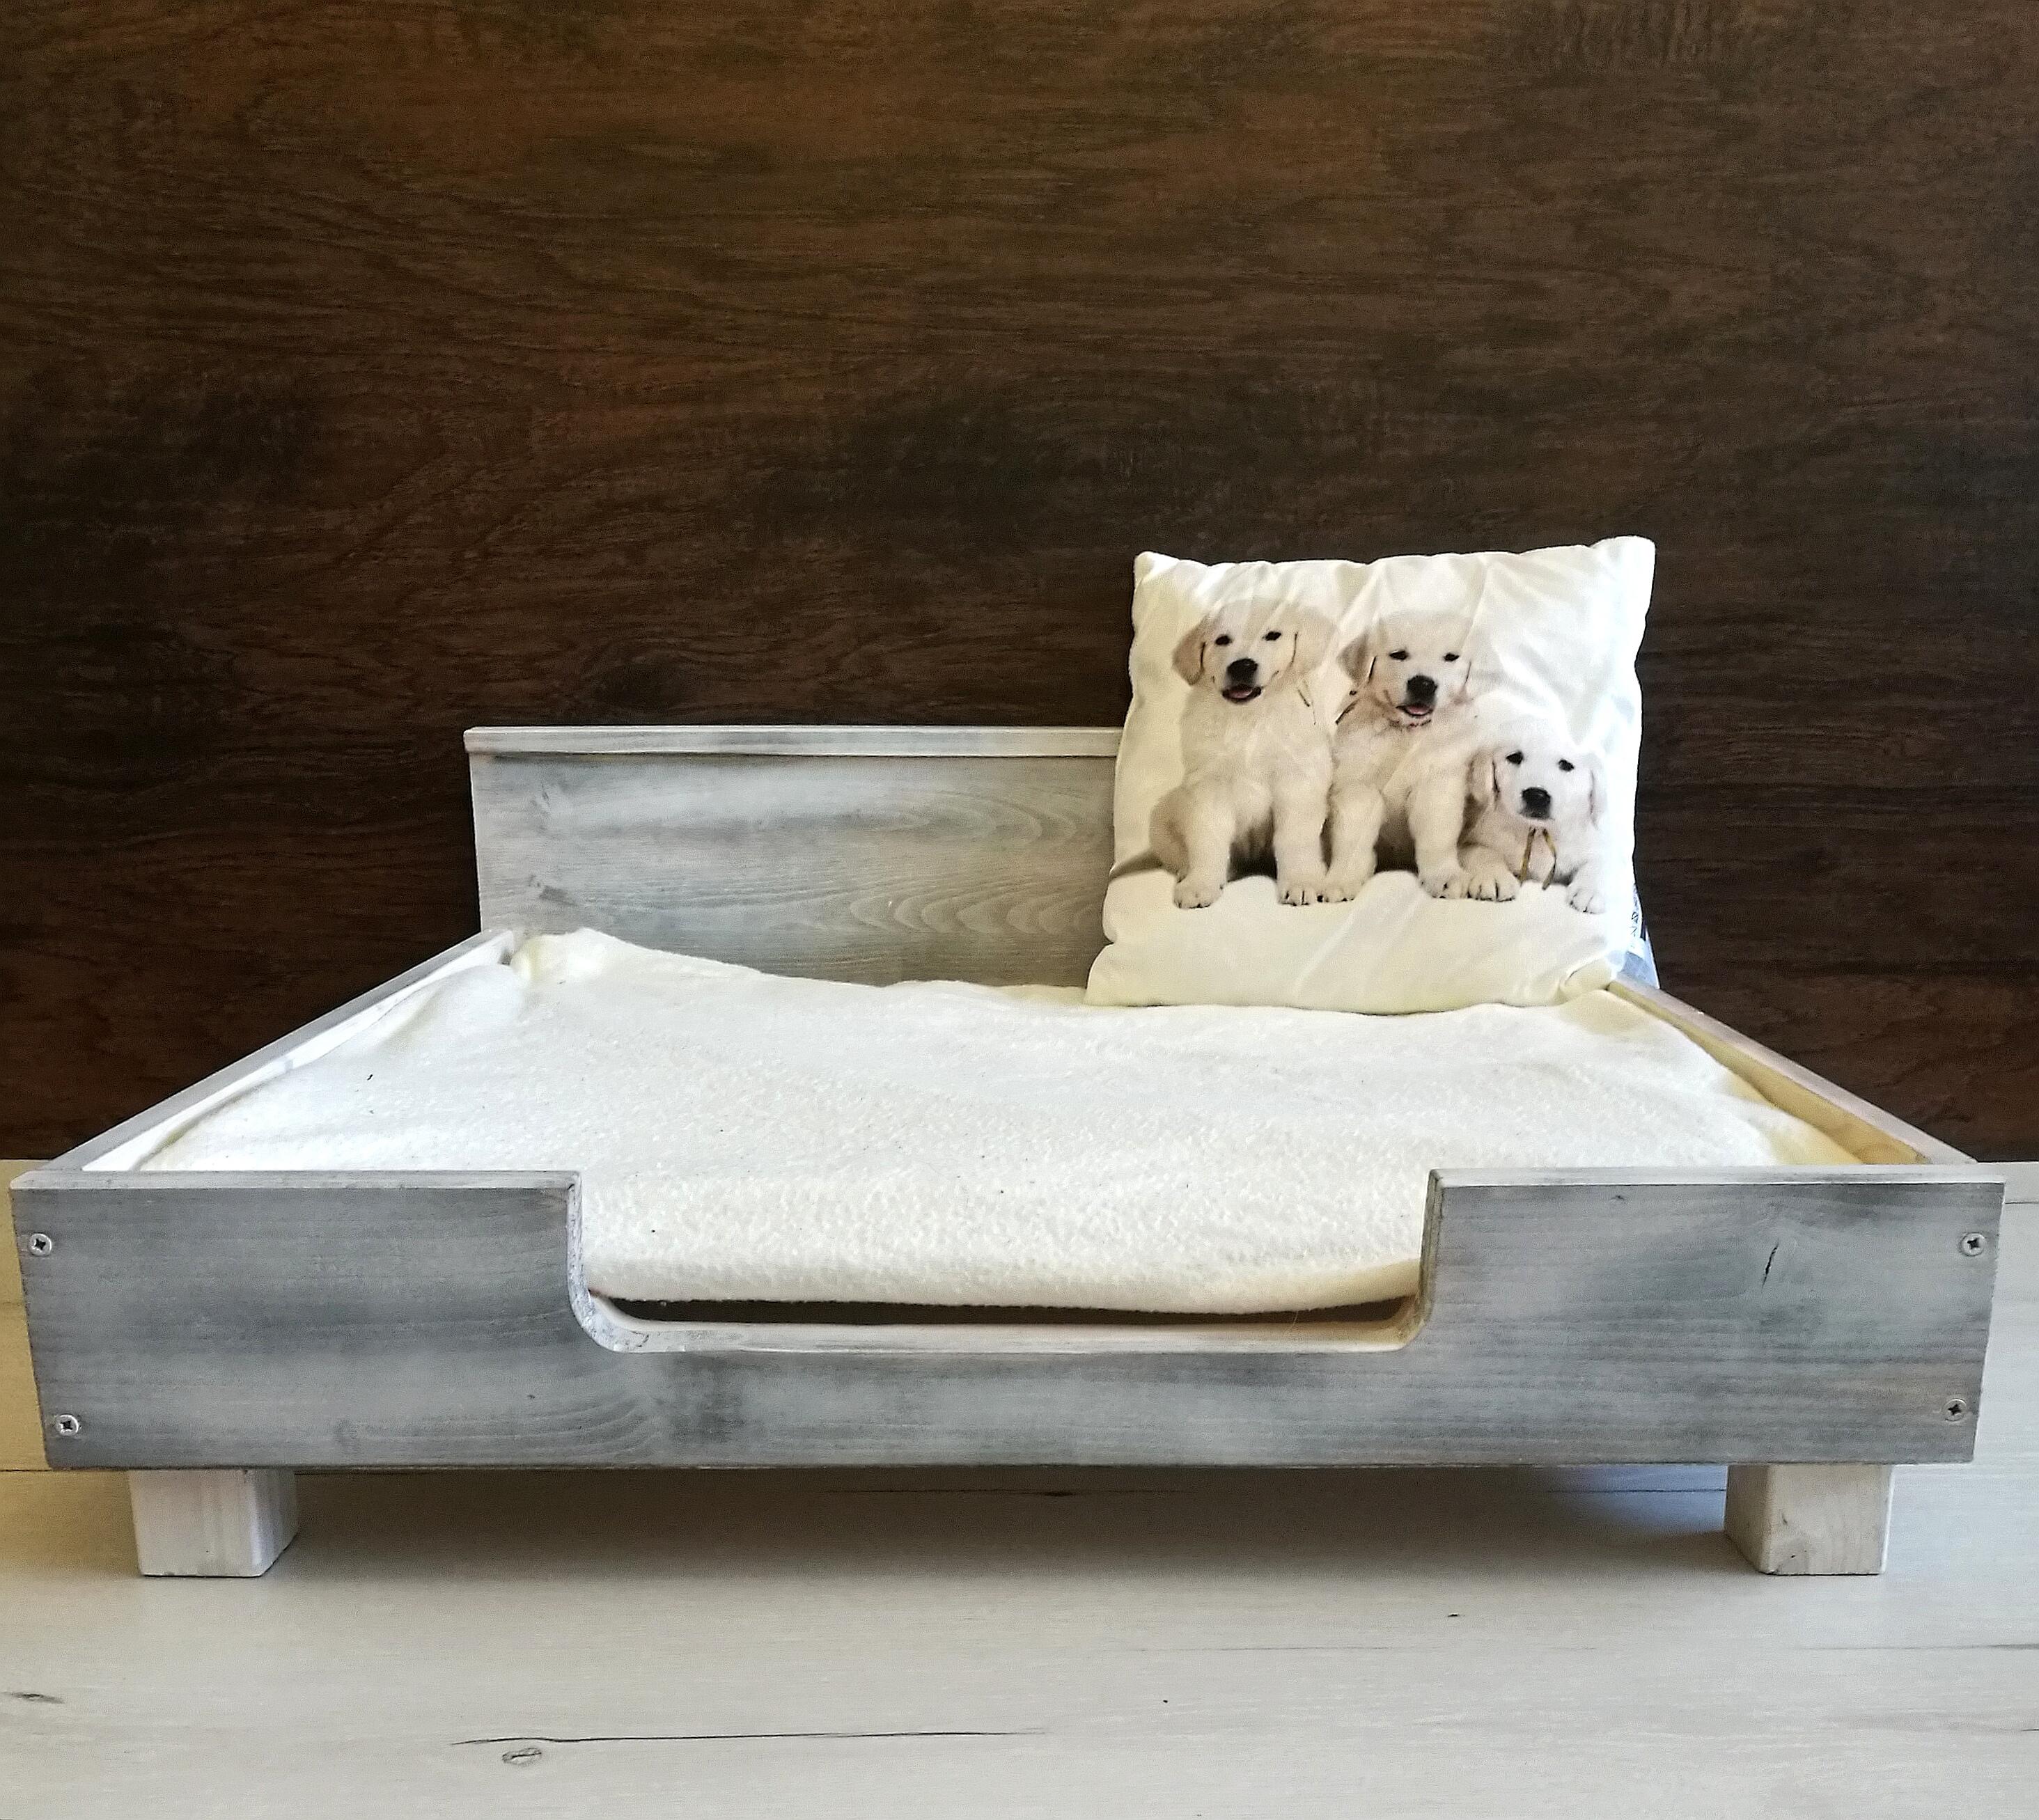 Vintage fa kutyaágy, kutyafekhely